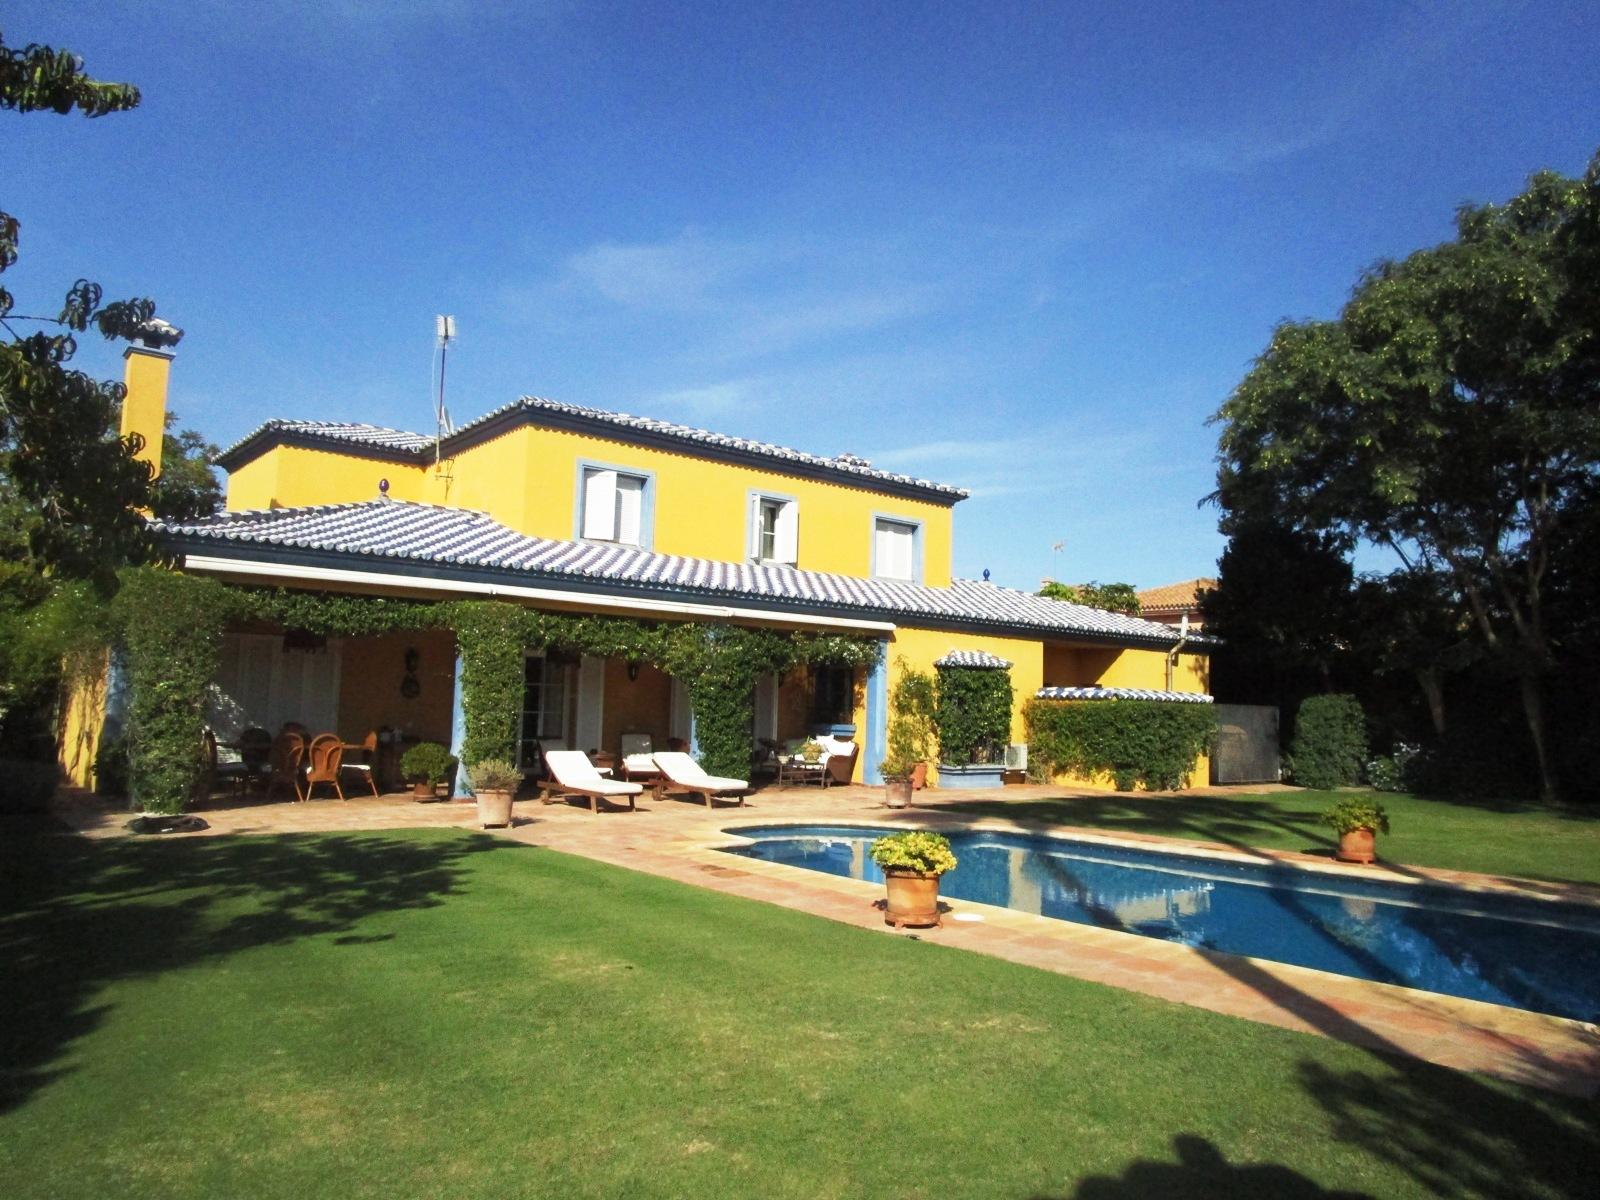 Maison unifamiliale pour l à vendre à Splendid 4 bedroom villa in Sotogrande Costa Soto Bajo/costa, Sotogrande, Andalousie, 11310 Espagne